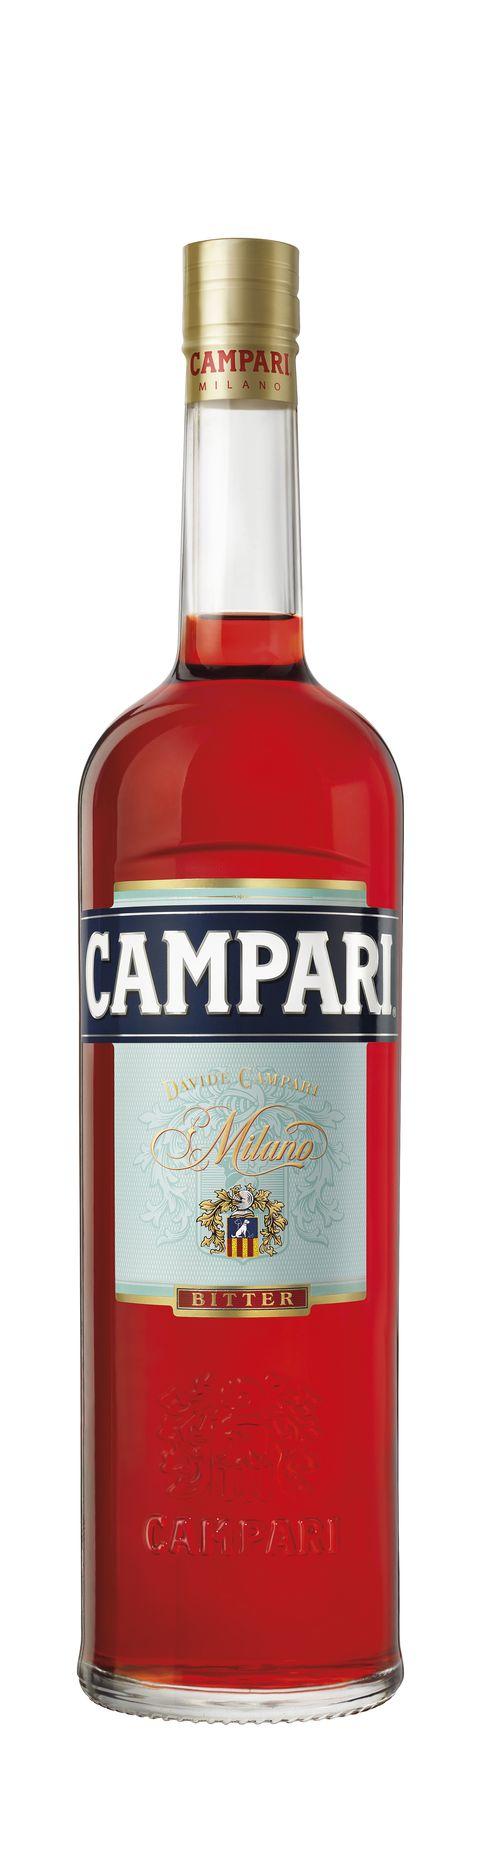 Alcoholic beverage, Liqueur, Drink, Distilled beverage, Campari, Alcohol, Bottle, Apéritif, Blended malt whisky, Vodka,